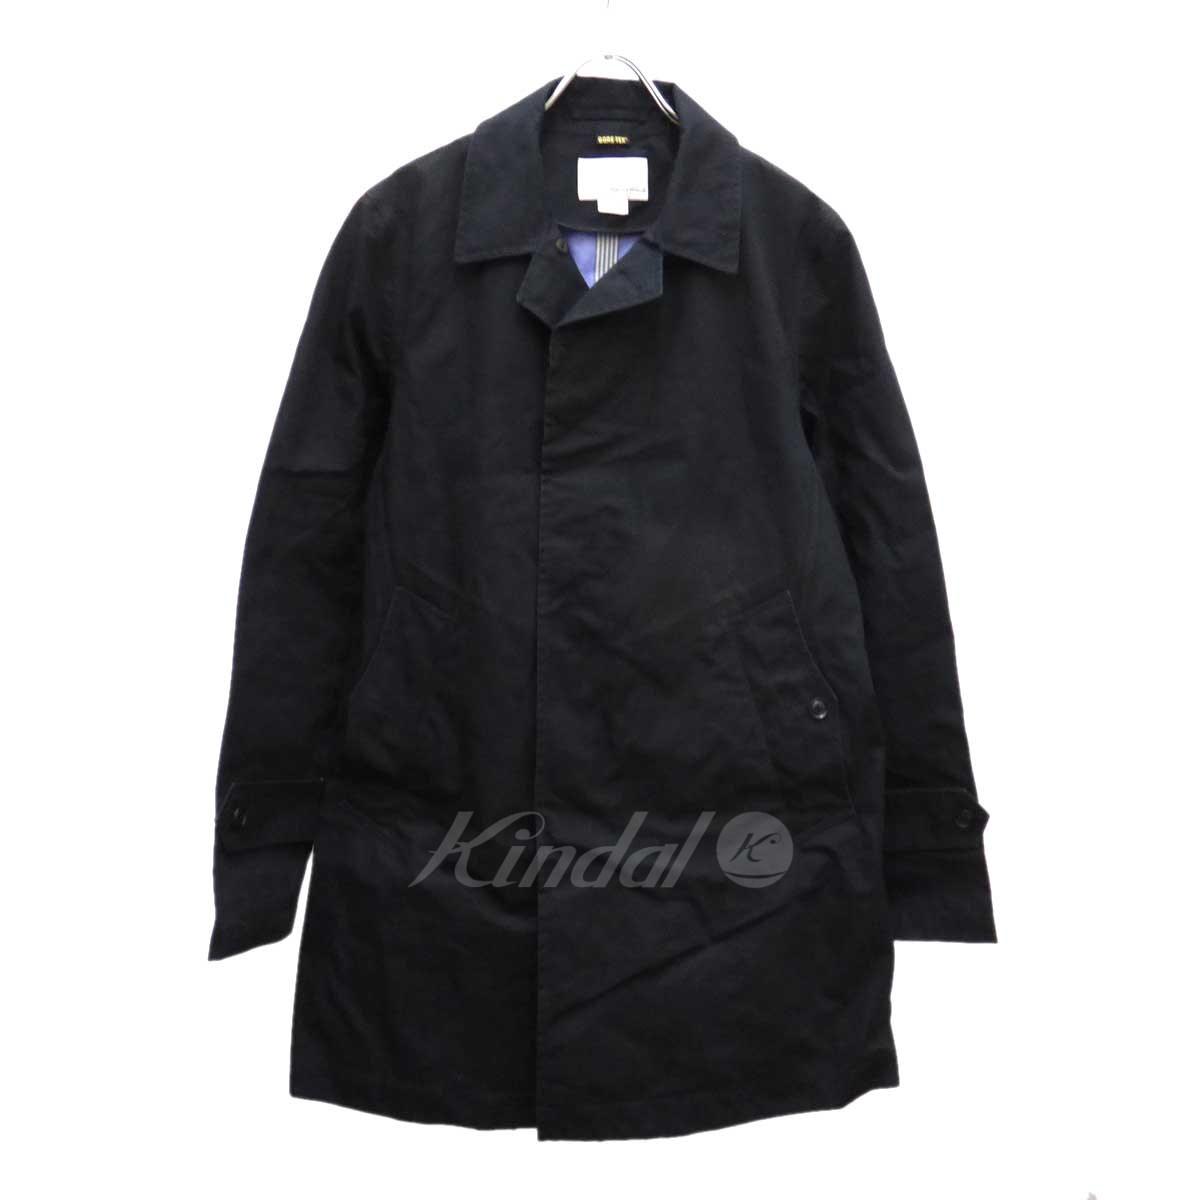 【中古】nanamica Soutien Collar Coat GORE-TEX コート ブラック サイズ:M 【260819】(ナナミカ)